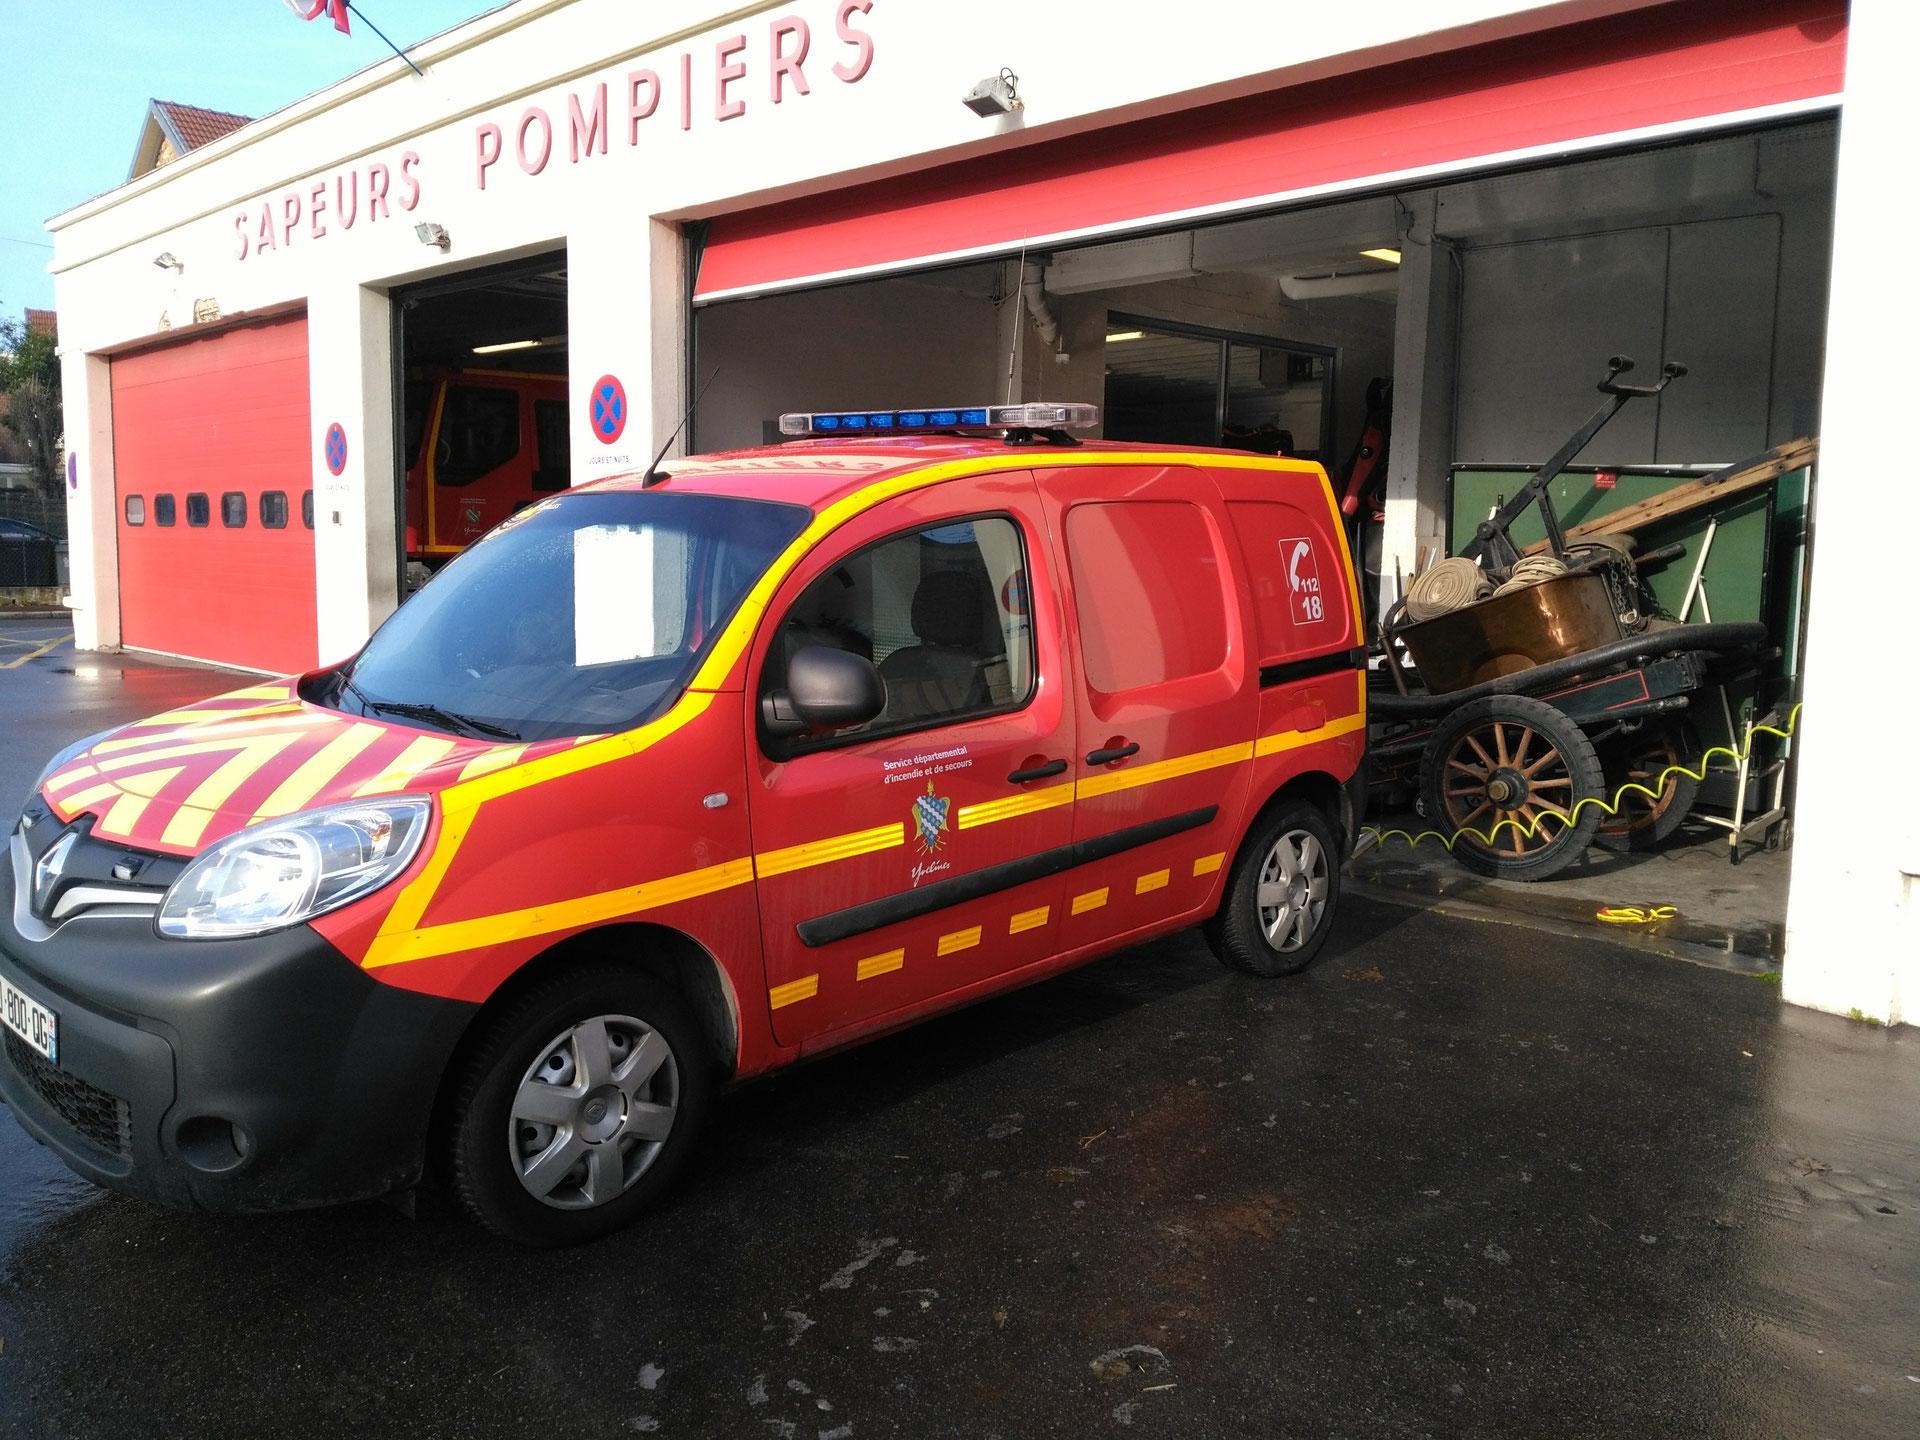 La pompe bras des pompiers de maisons laffitte locations - Piscine maisons laffitte horaires ...